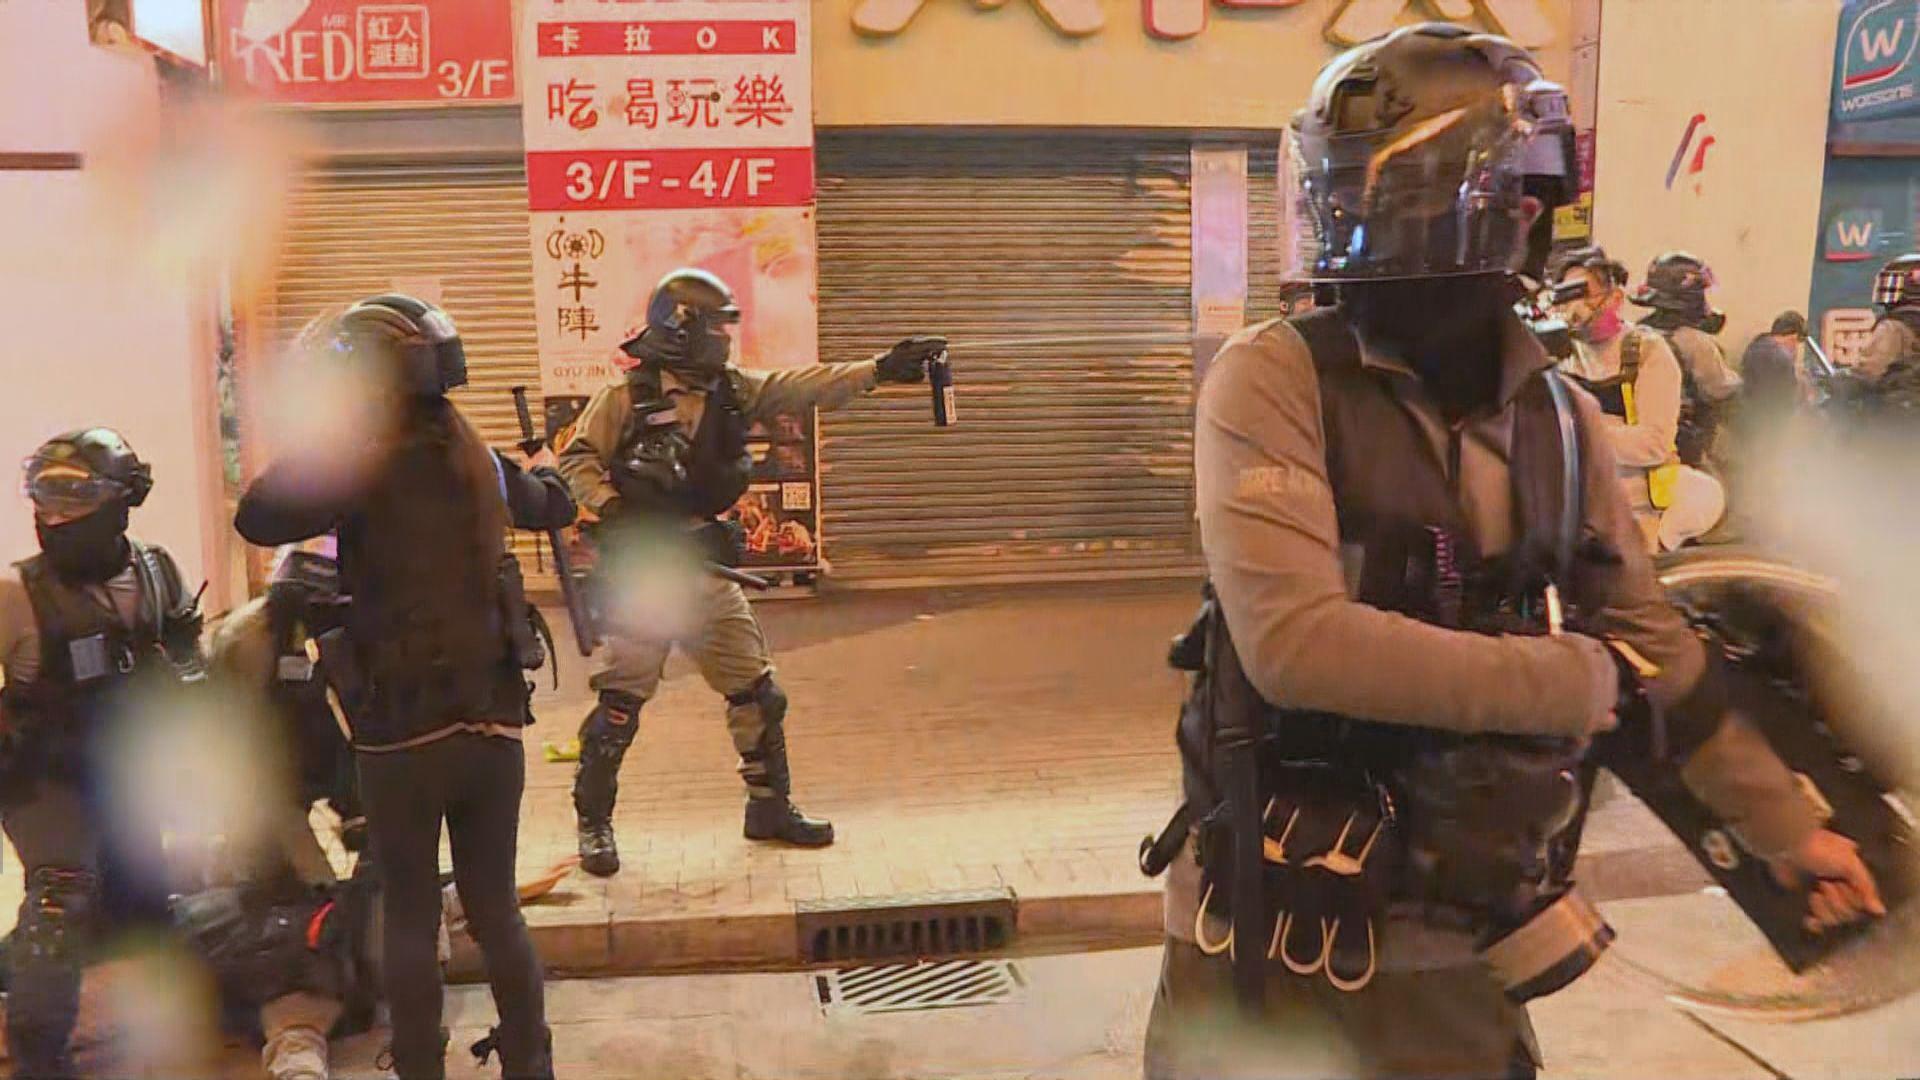 警方入夜後旺角多次驅散人群 凌晨制服及押走多人